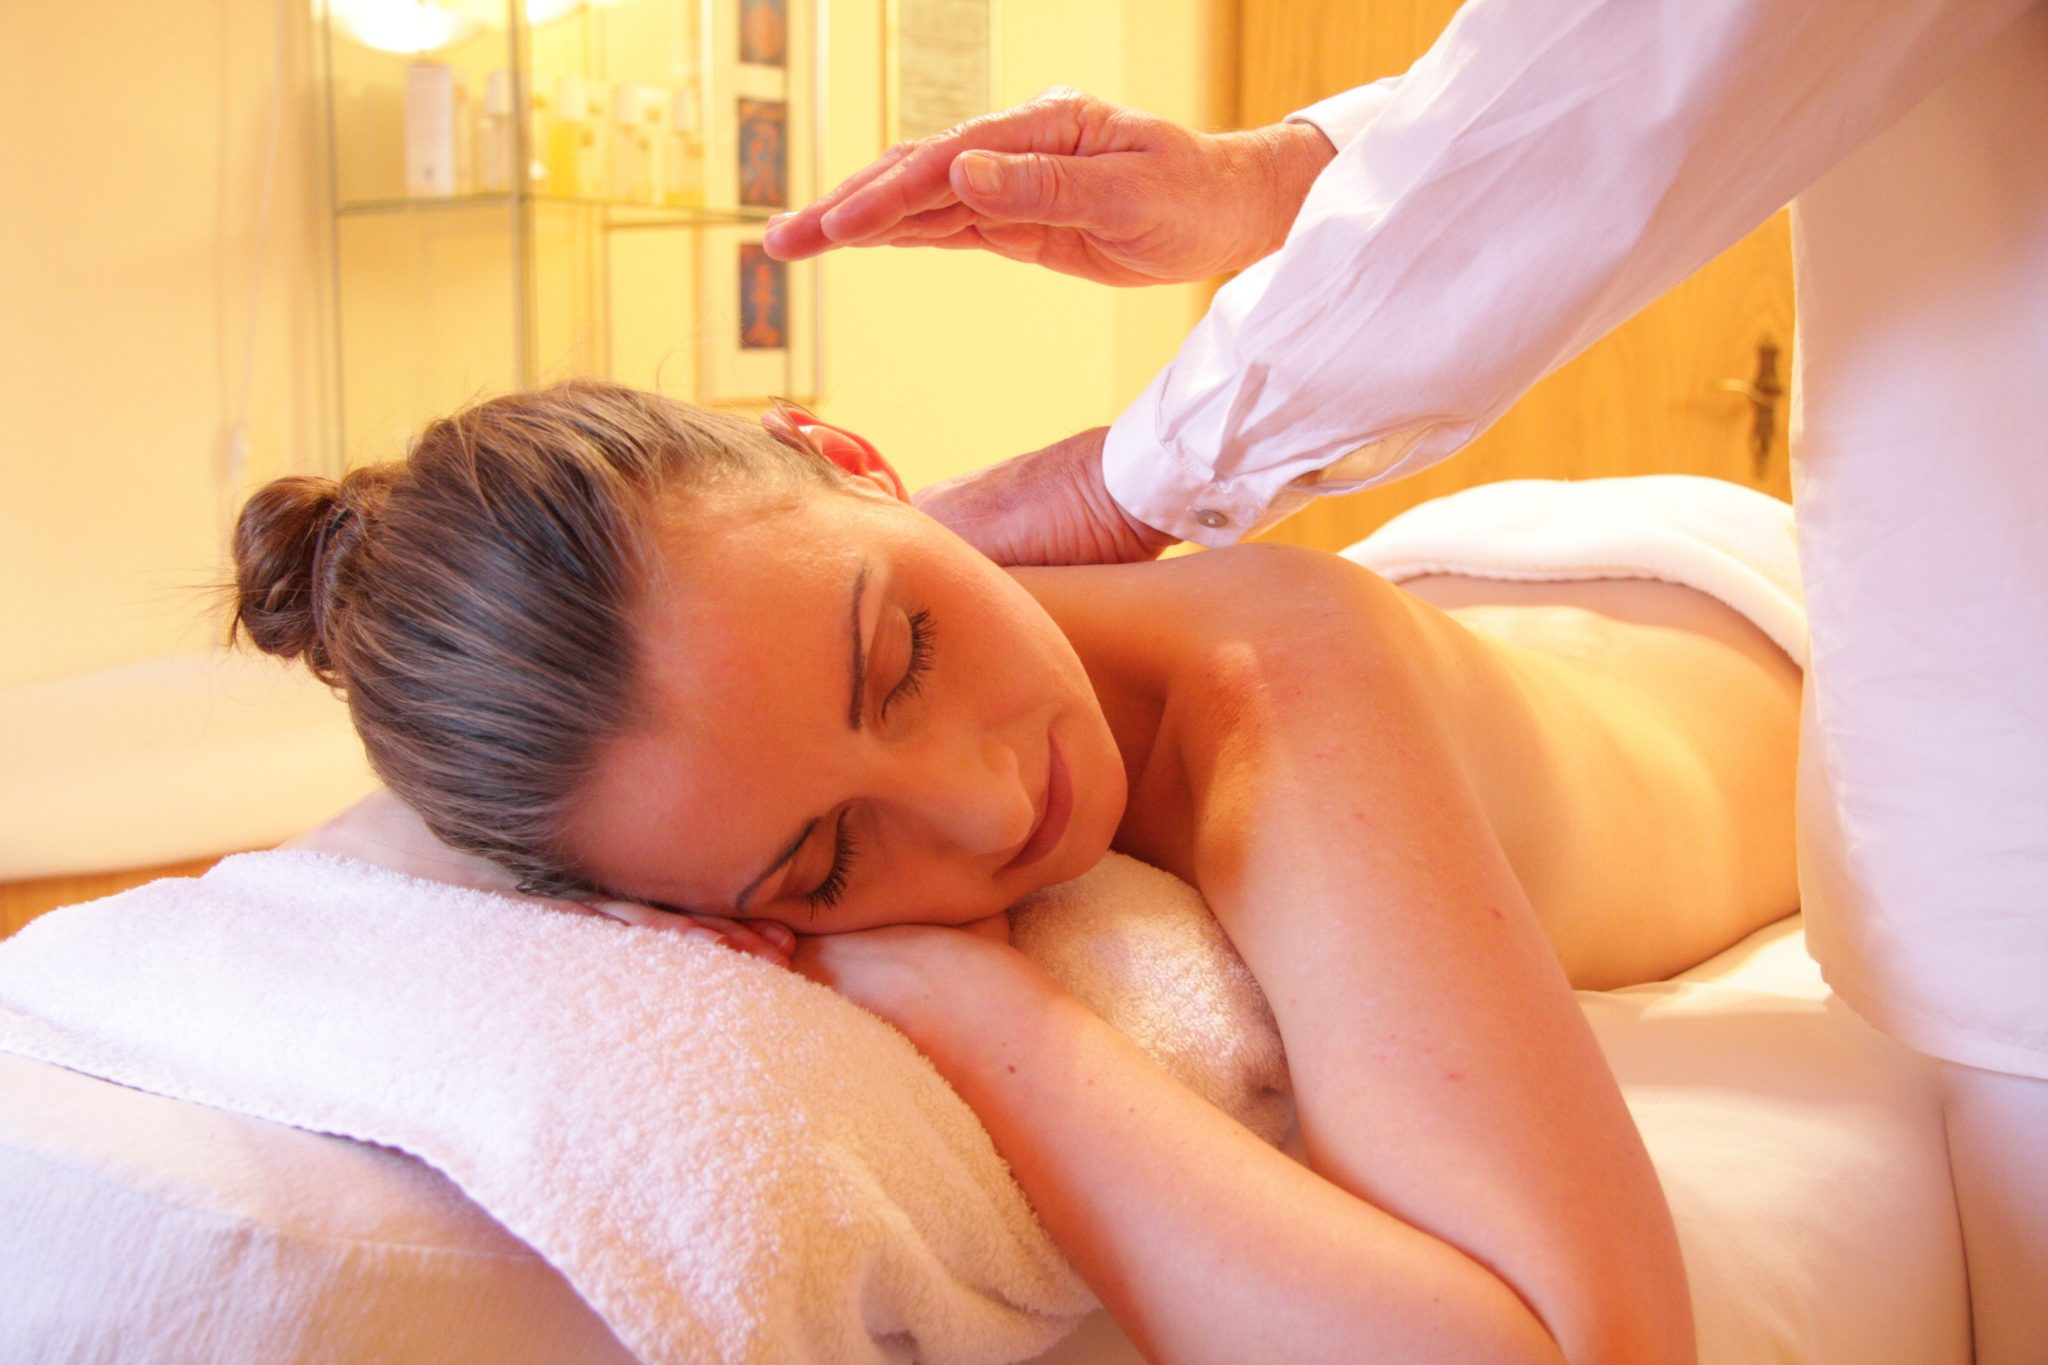 Acquisto Lettino Da Massaggio.Lettino Da Massaggio Scegli Il Migliore Per Il Relax Guida Allo Shopping